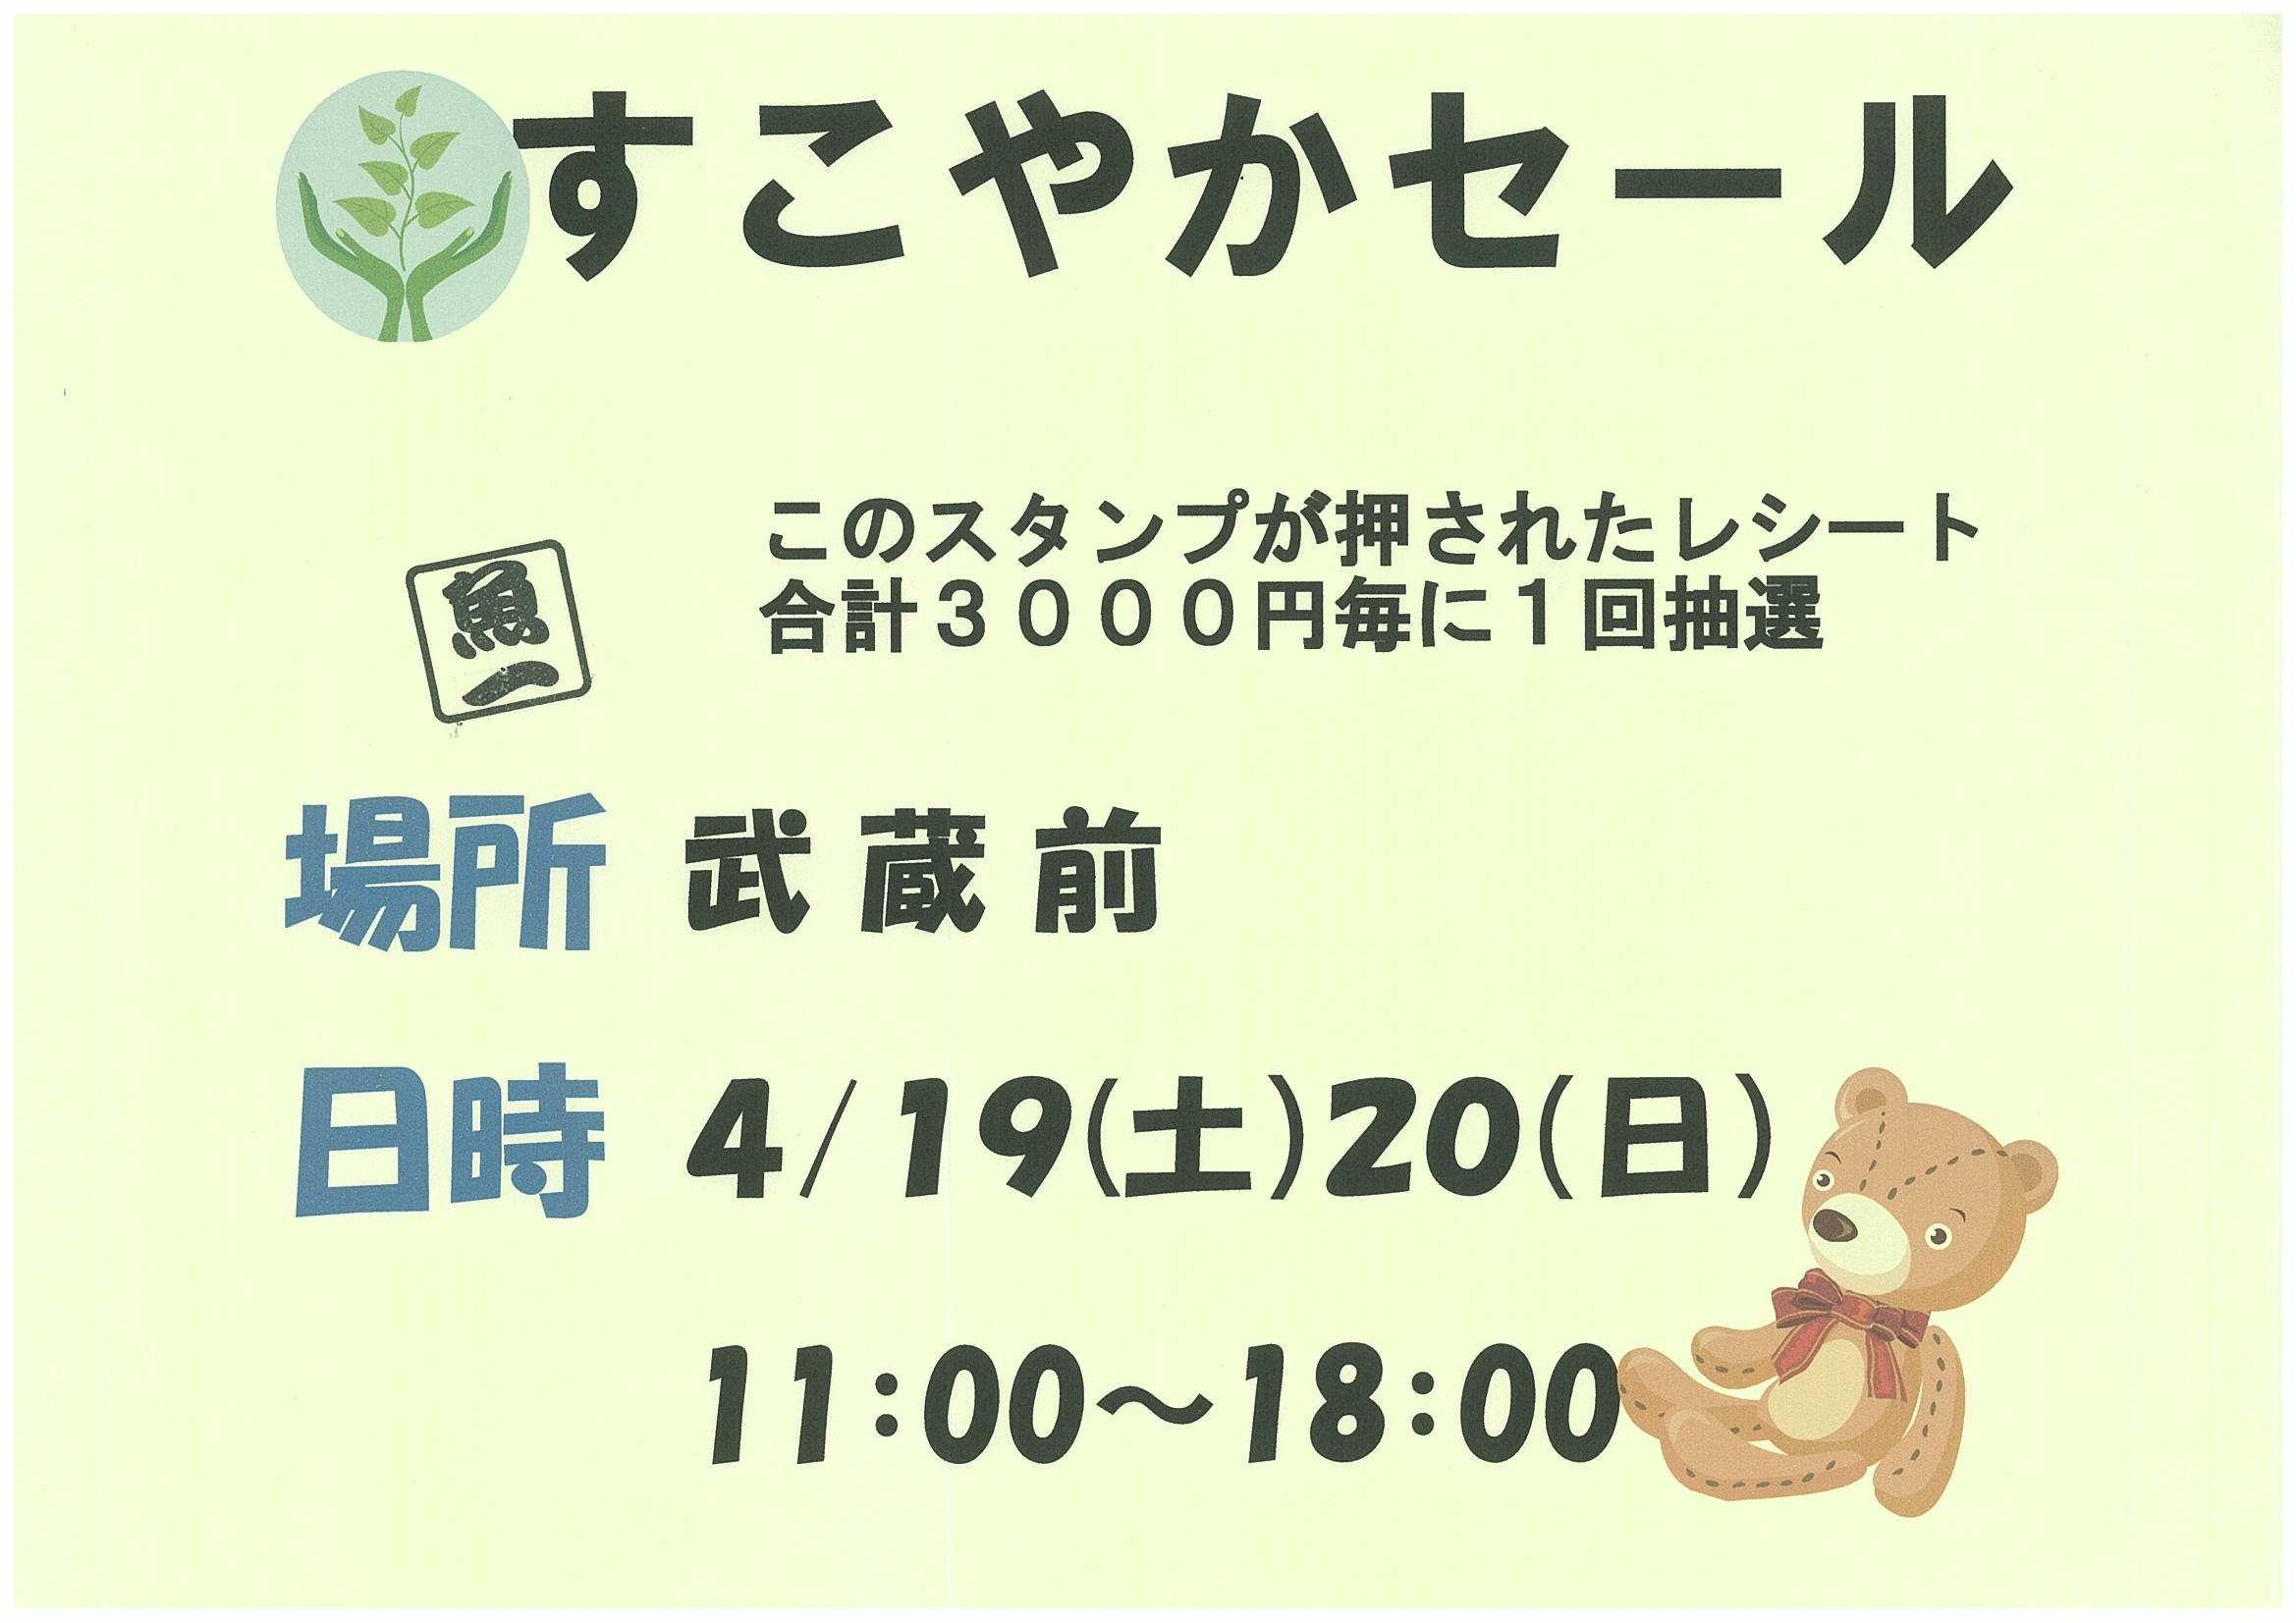 「魚町一丁目すこやかセール」開催!